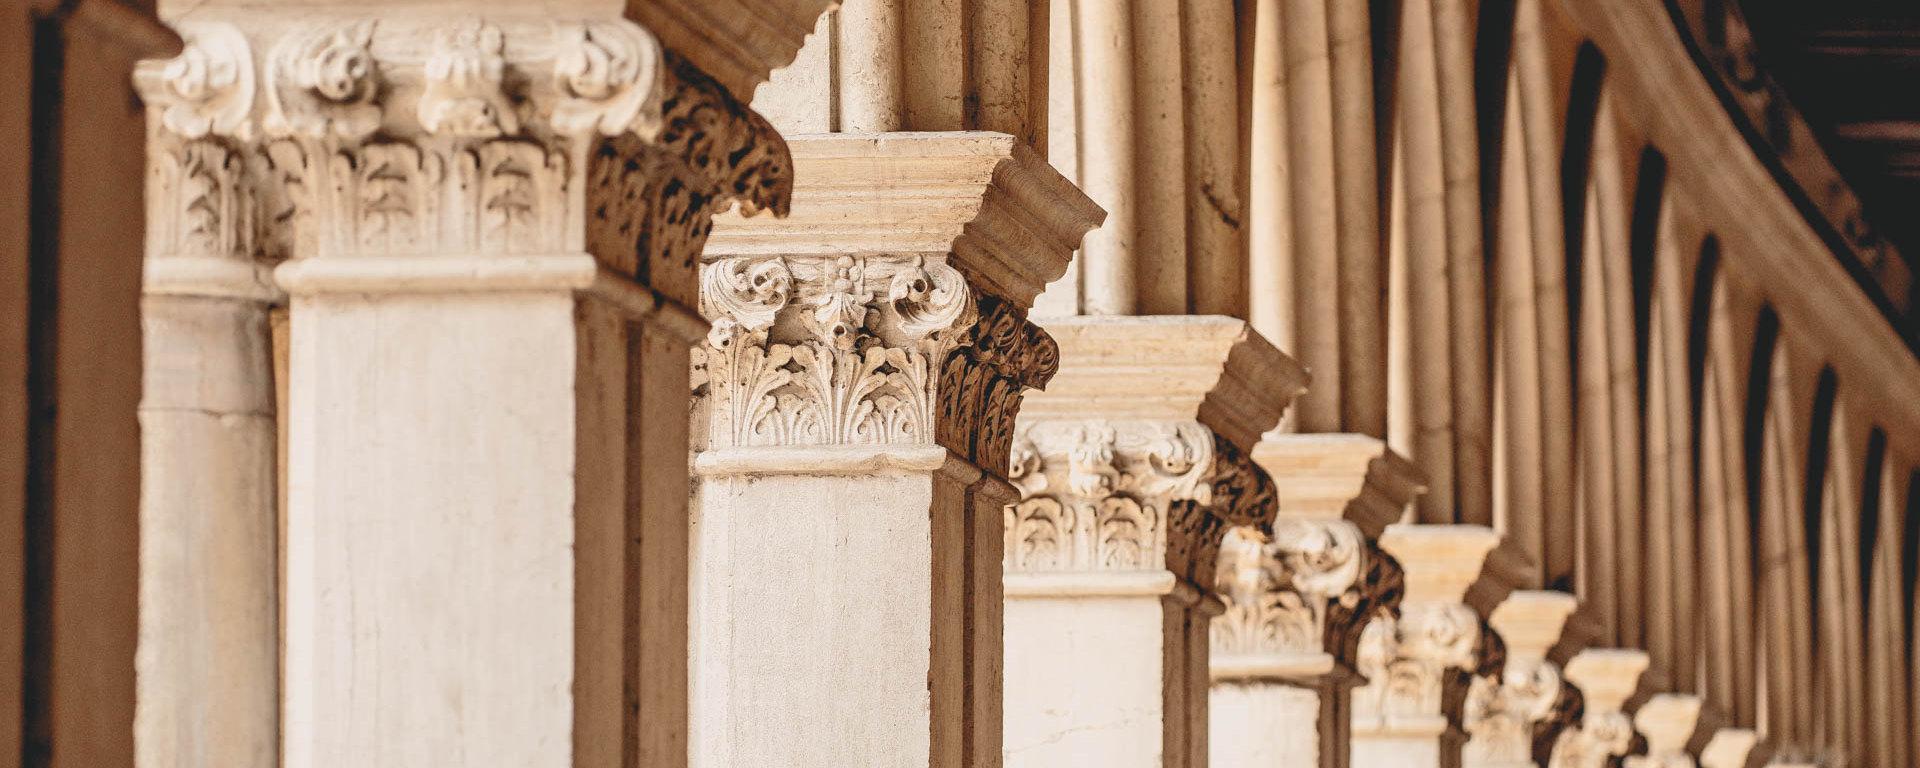 Säulengang im Dogenpalast von Venedig, Beitragsbild für Bewerben an einer Hochschule